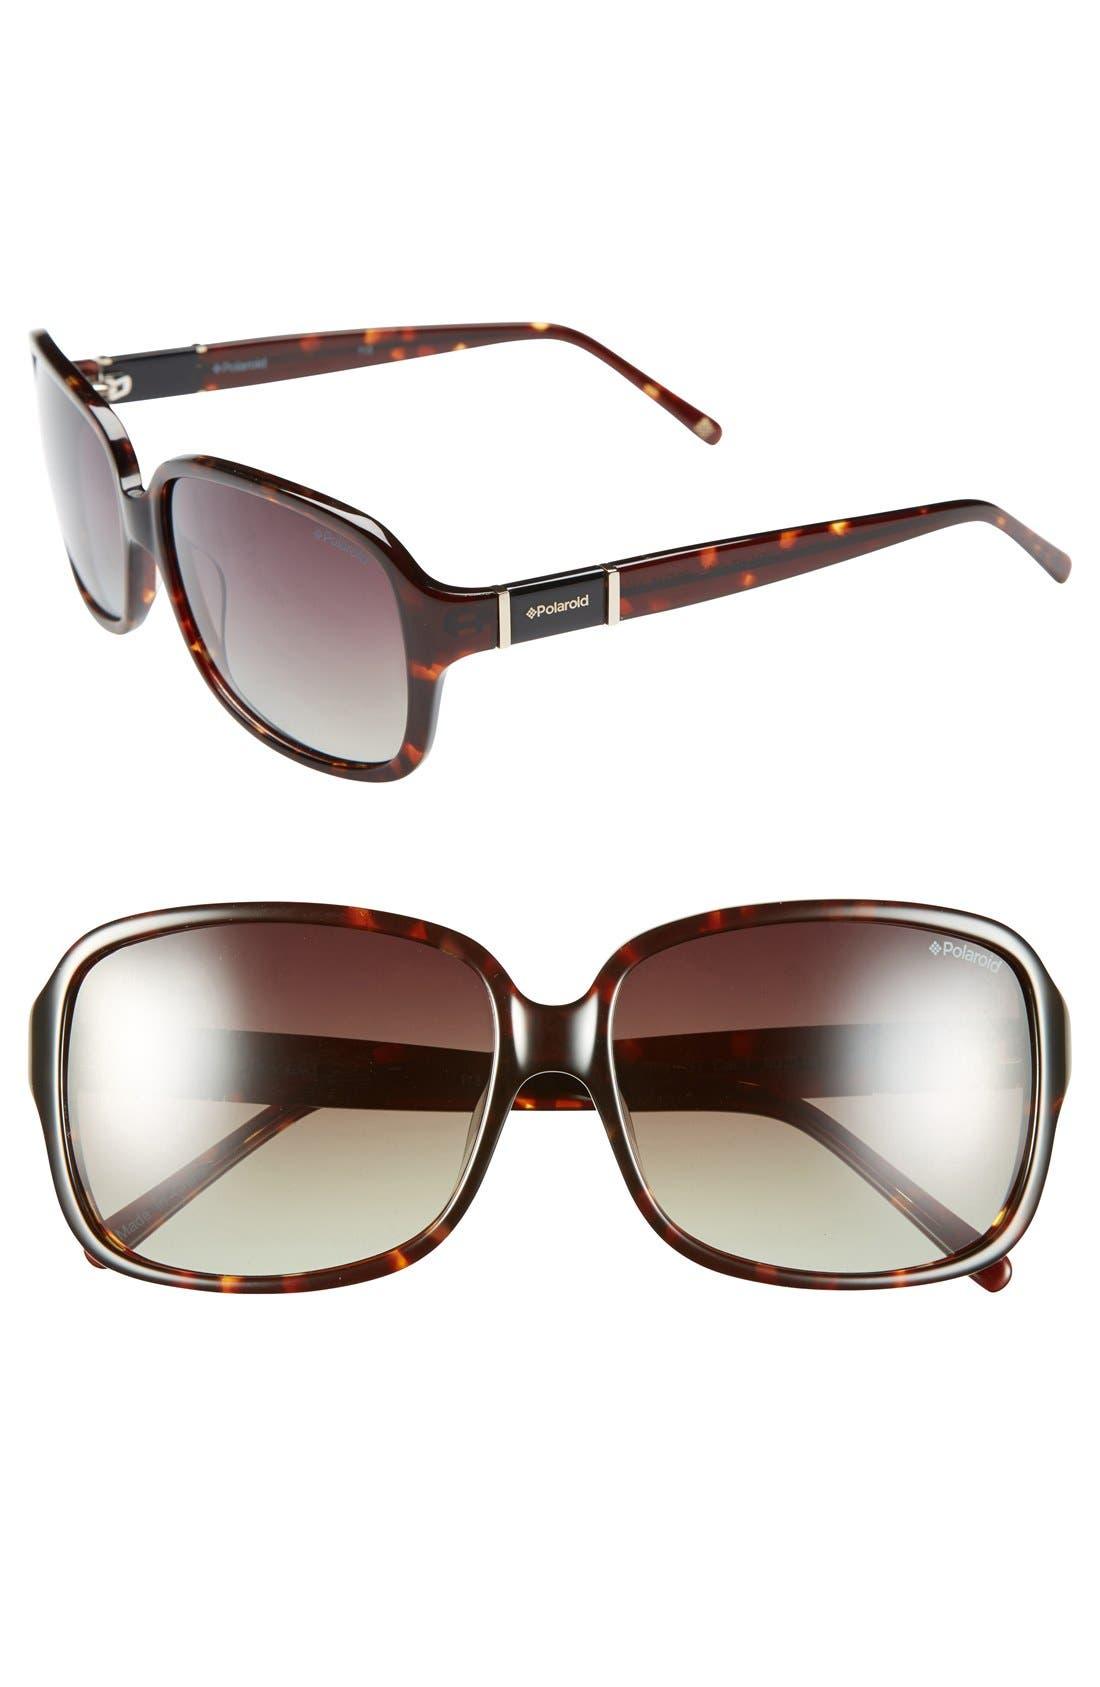 Alternate Image 1 Selected - Polaroid Eyewear 60mm Polarized Sunglasses